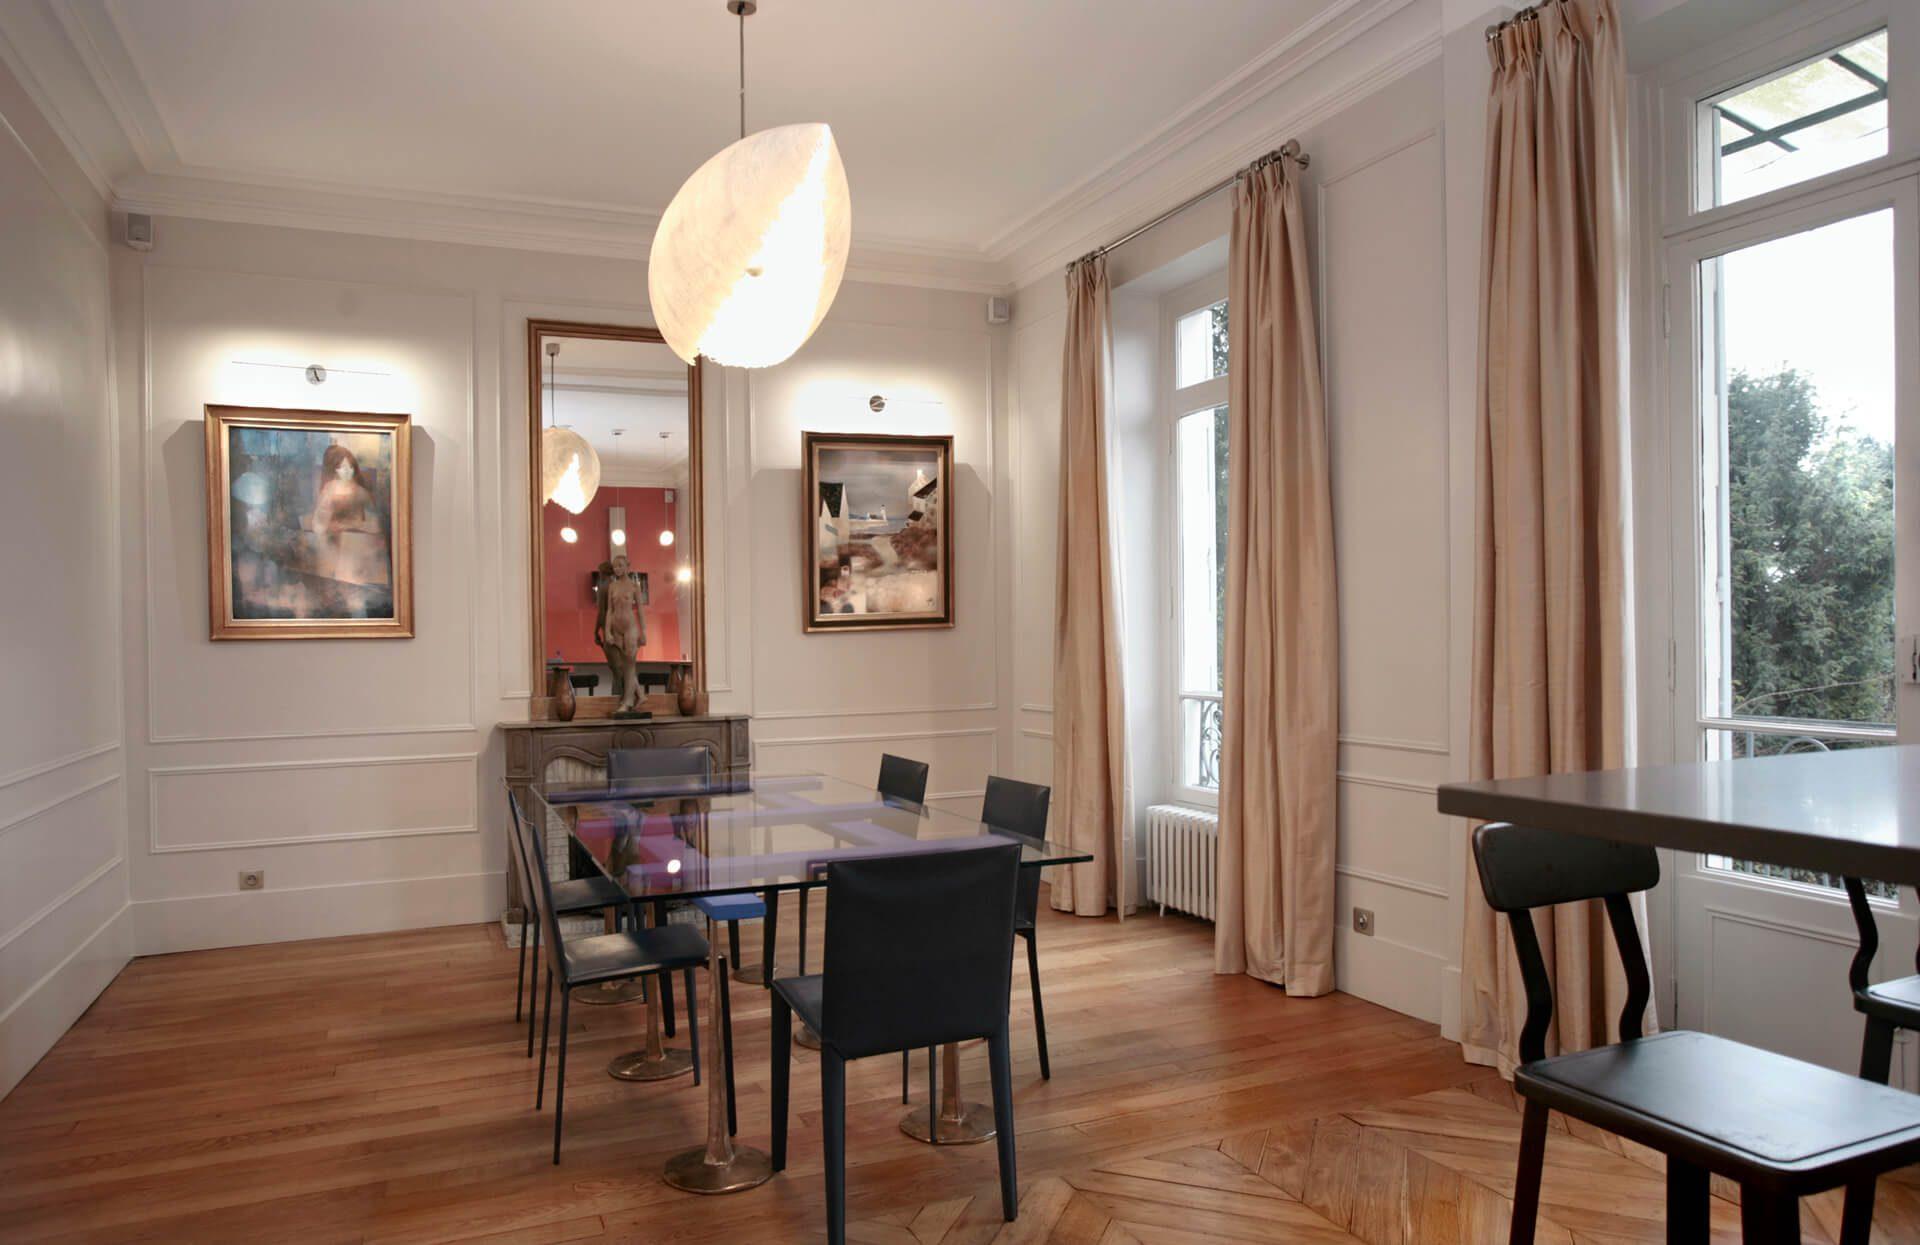 Renovation D Interieur Paris architecte d'intérieur à paris – rénovation d'une maison à